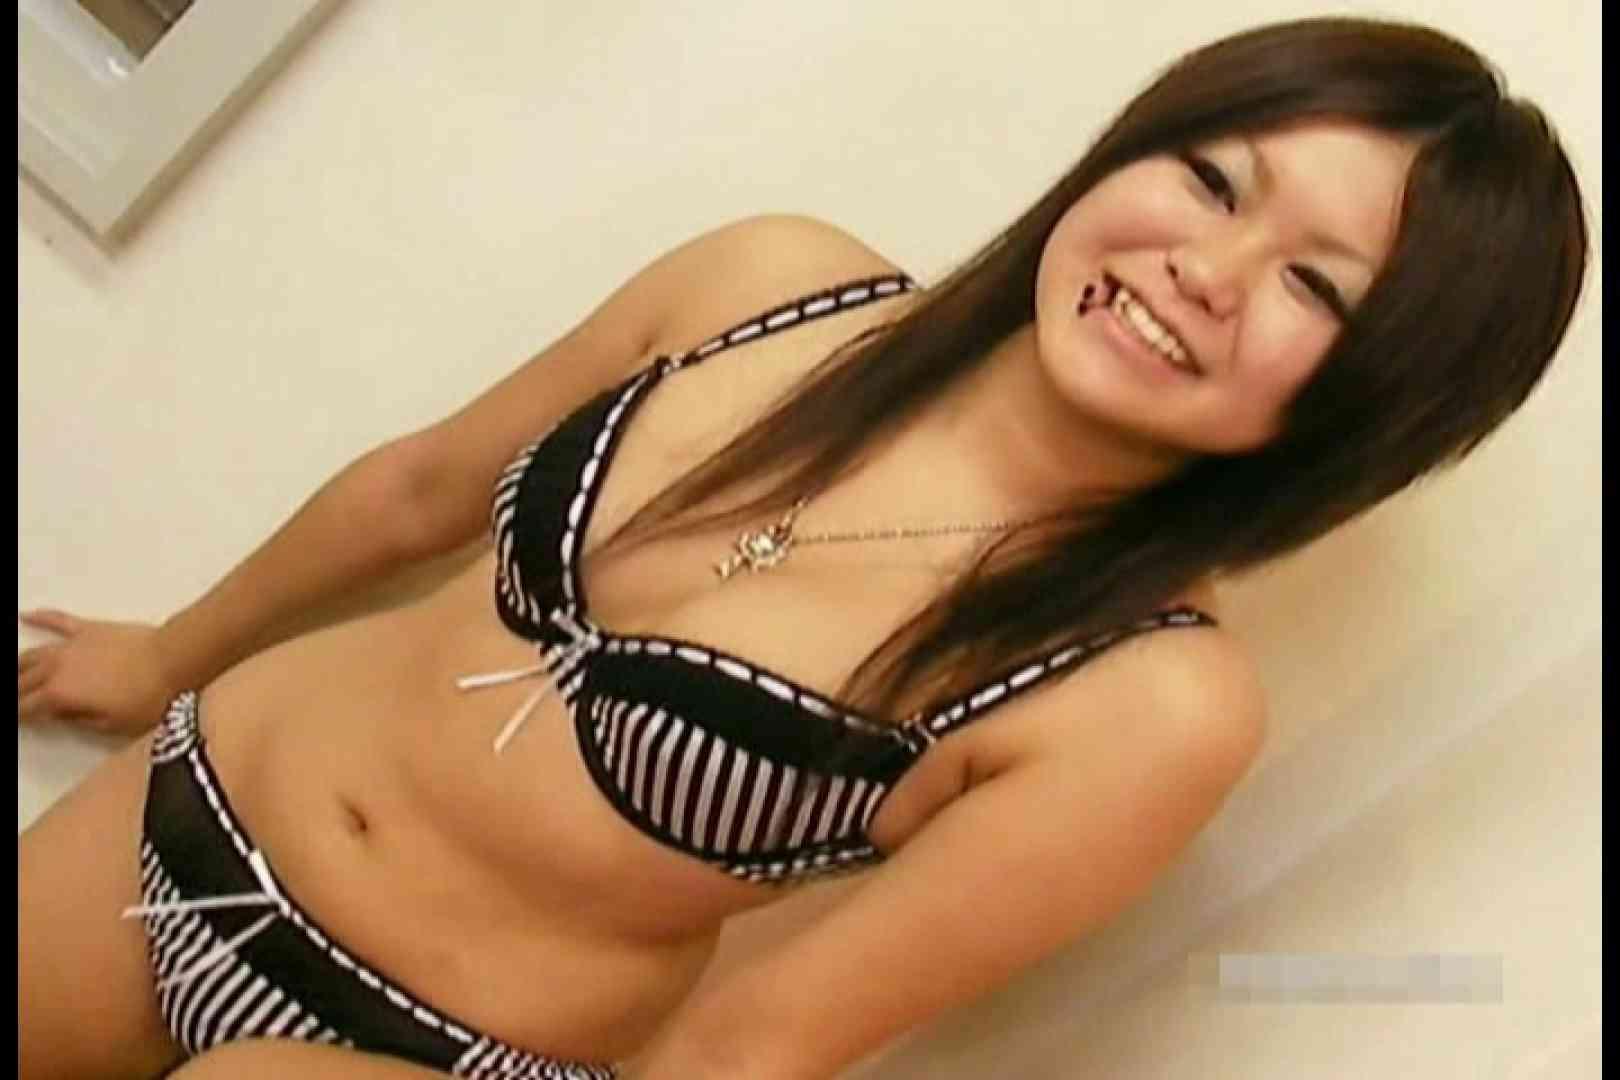 素人撮影 下着だけの撮影のはずが・・・みか19歳 巨乳 エロ画像 101pic 23